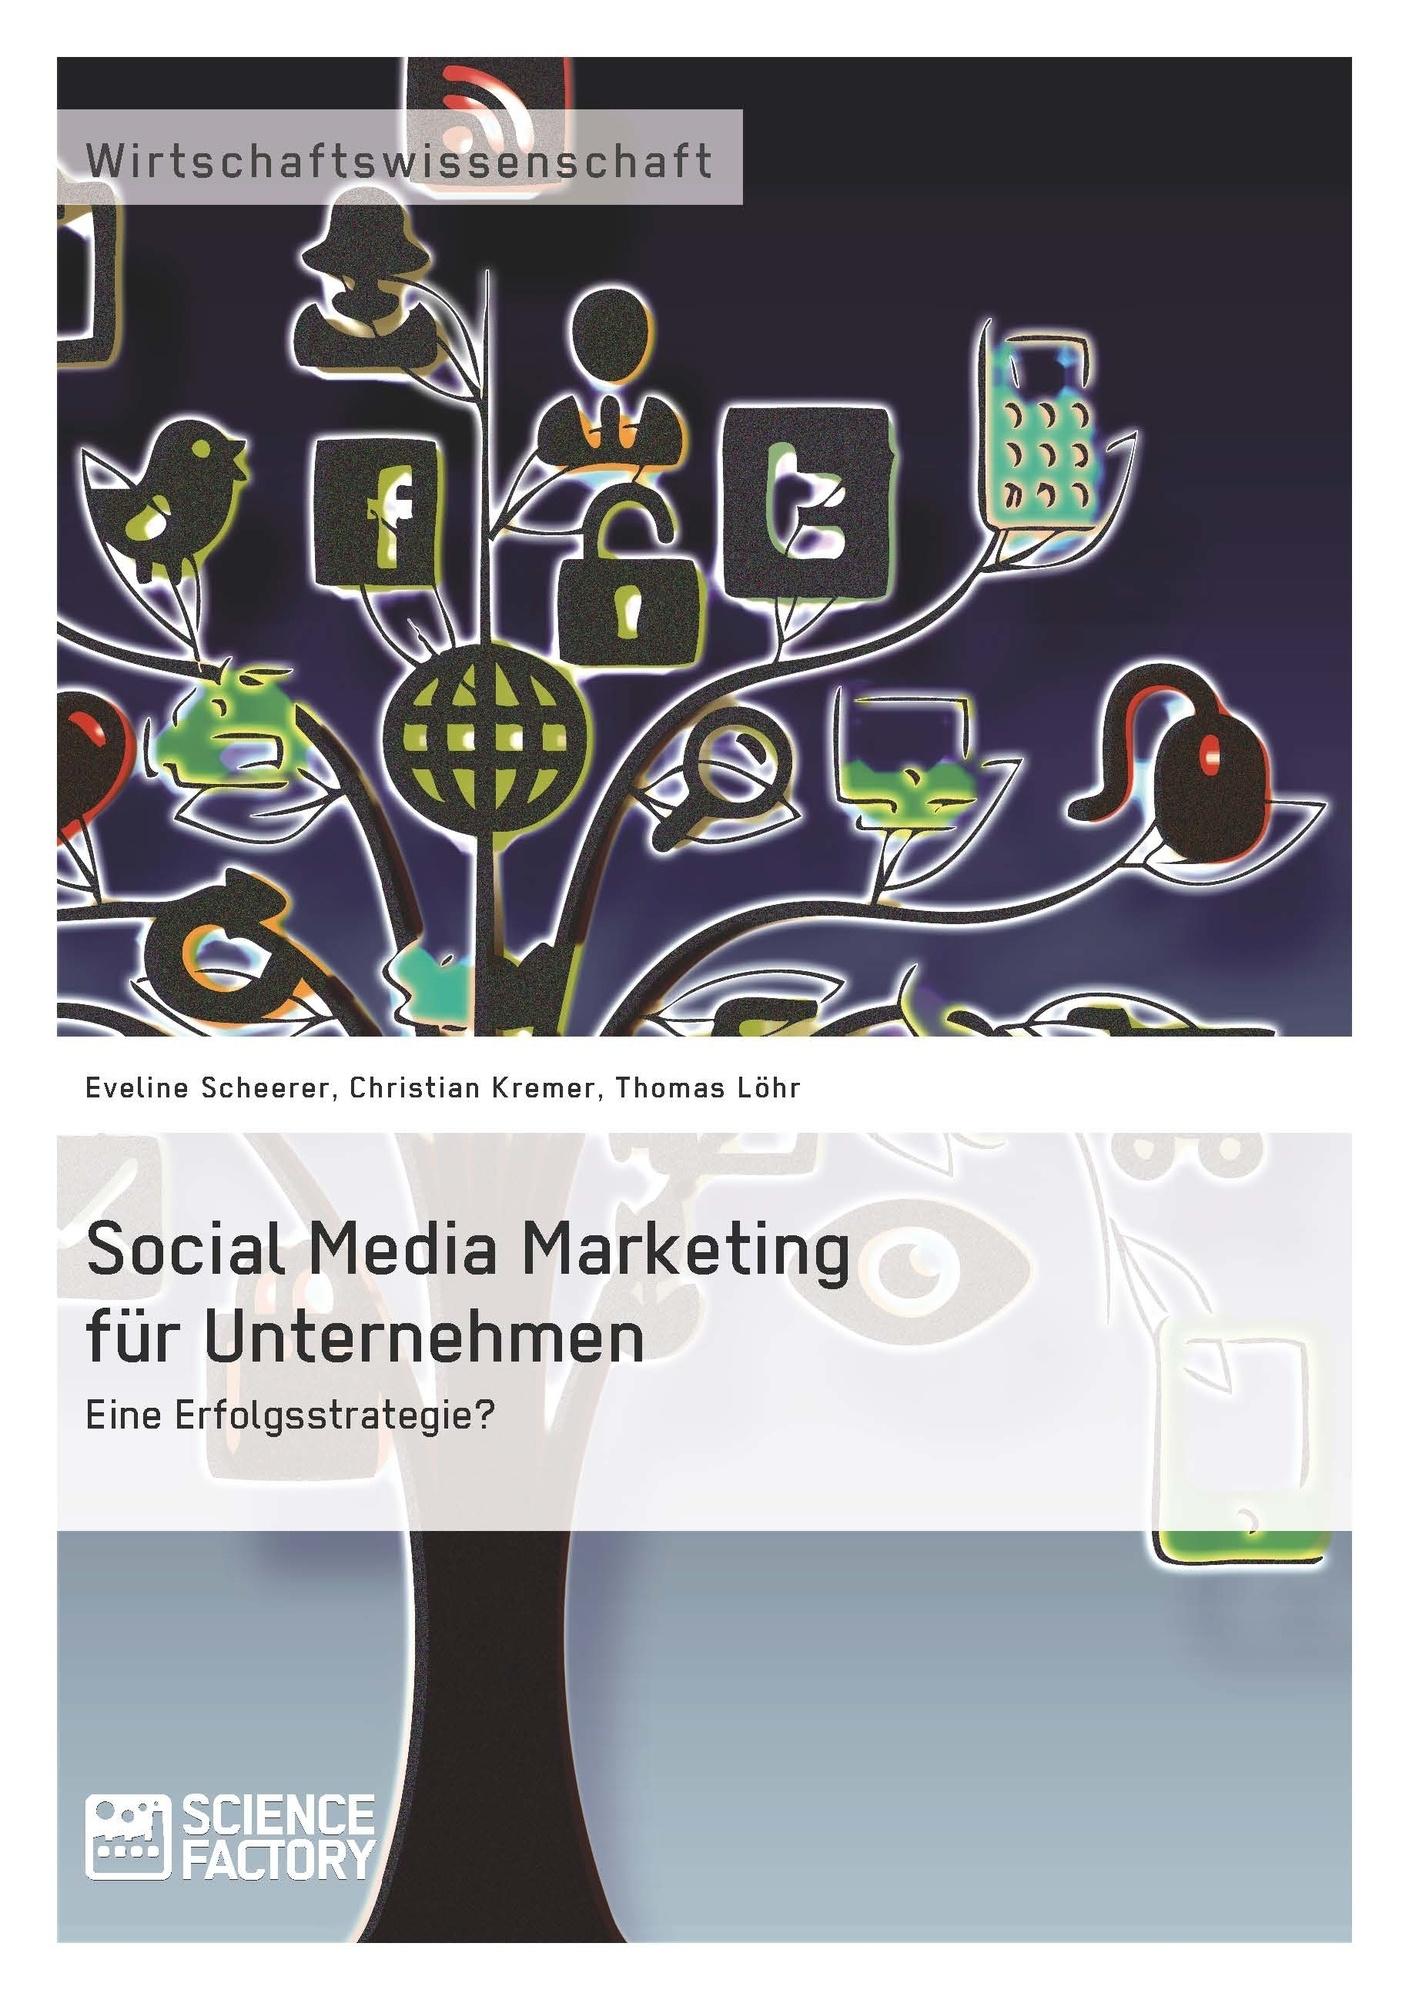 Titel: Social Media Marketing für Unternehmen. Eine Erfolgsstrategie?